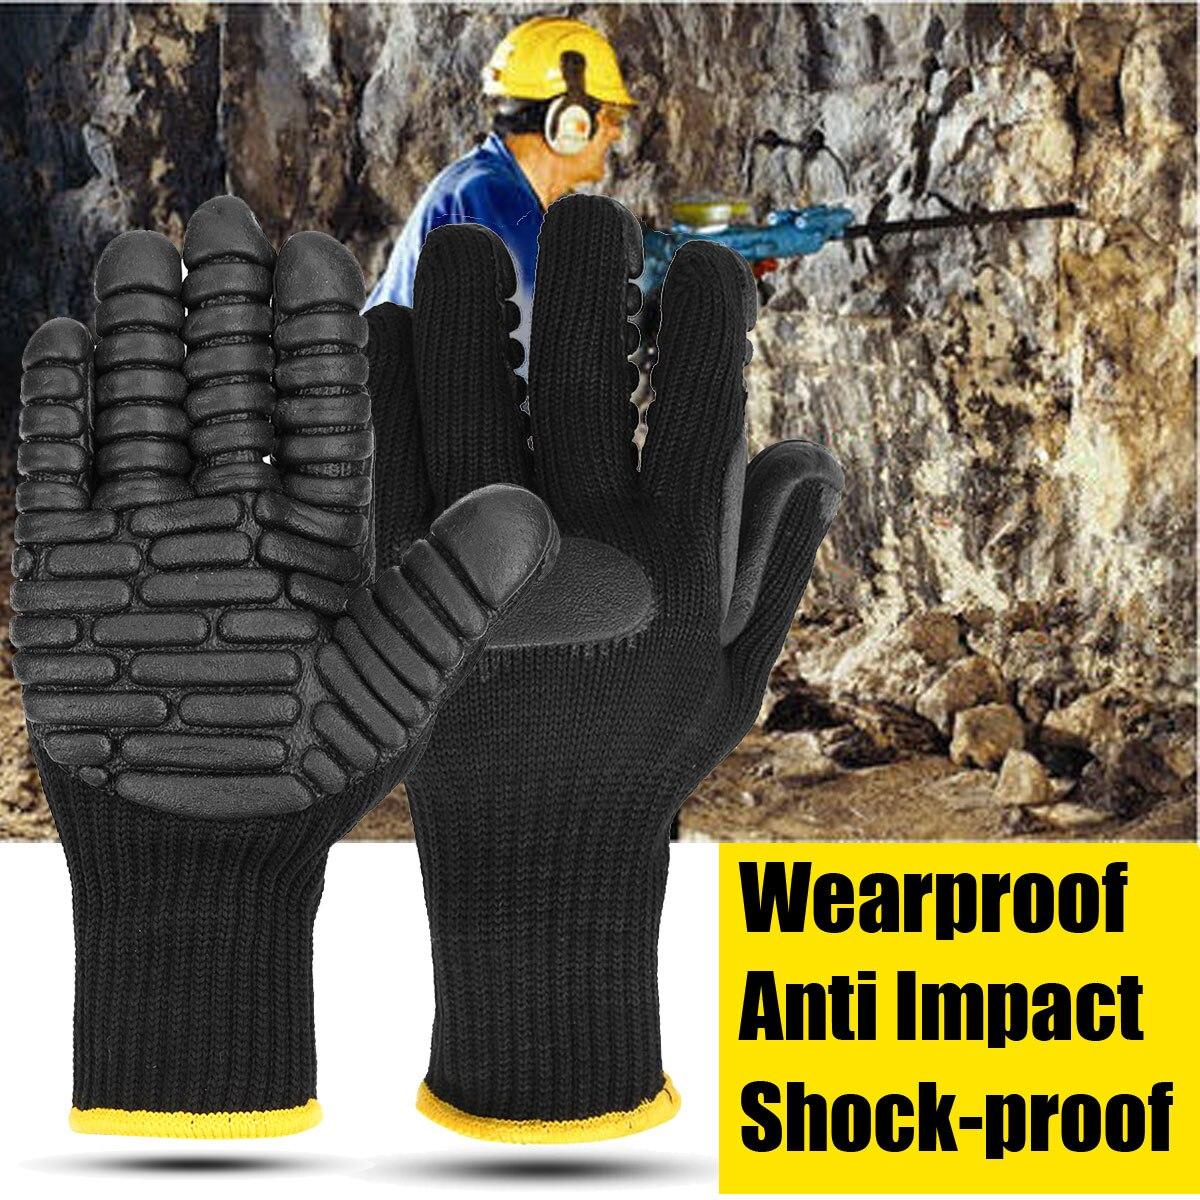 Safurance Anti Vibration Arbeit Handschuhe Power Tool Stoßfest Reduziert Arbeit Sicherheit Handschuh Für Bohren Mine-kohle Arbeitsplatz